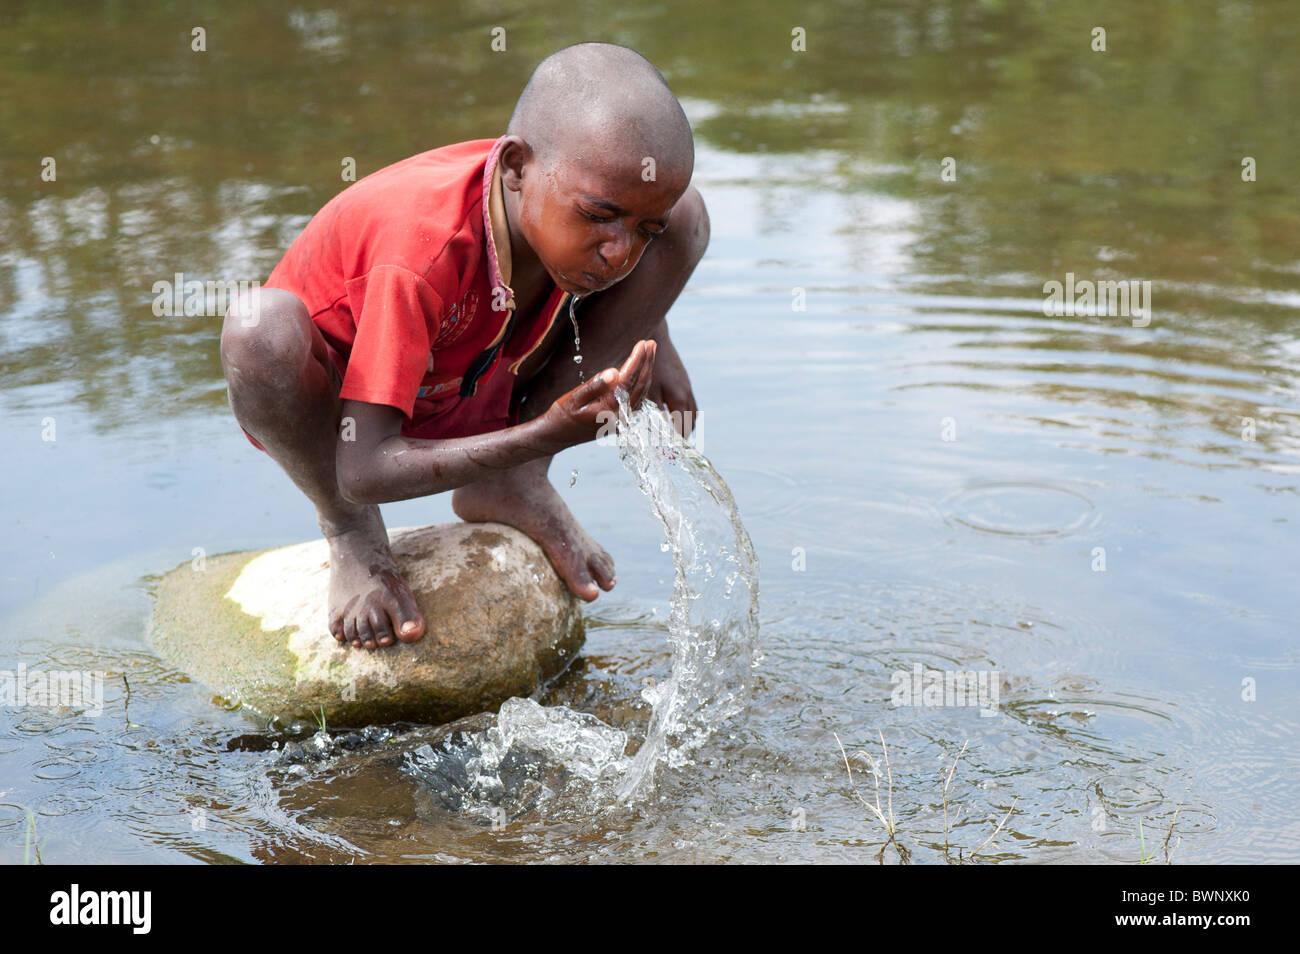 Niño de la calle indio lavarse a sí mismo y a beber agua en un río en la India rural. En Andhra Pradesh, Imagen De Stock